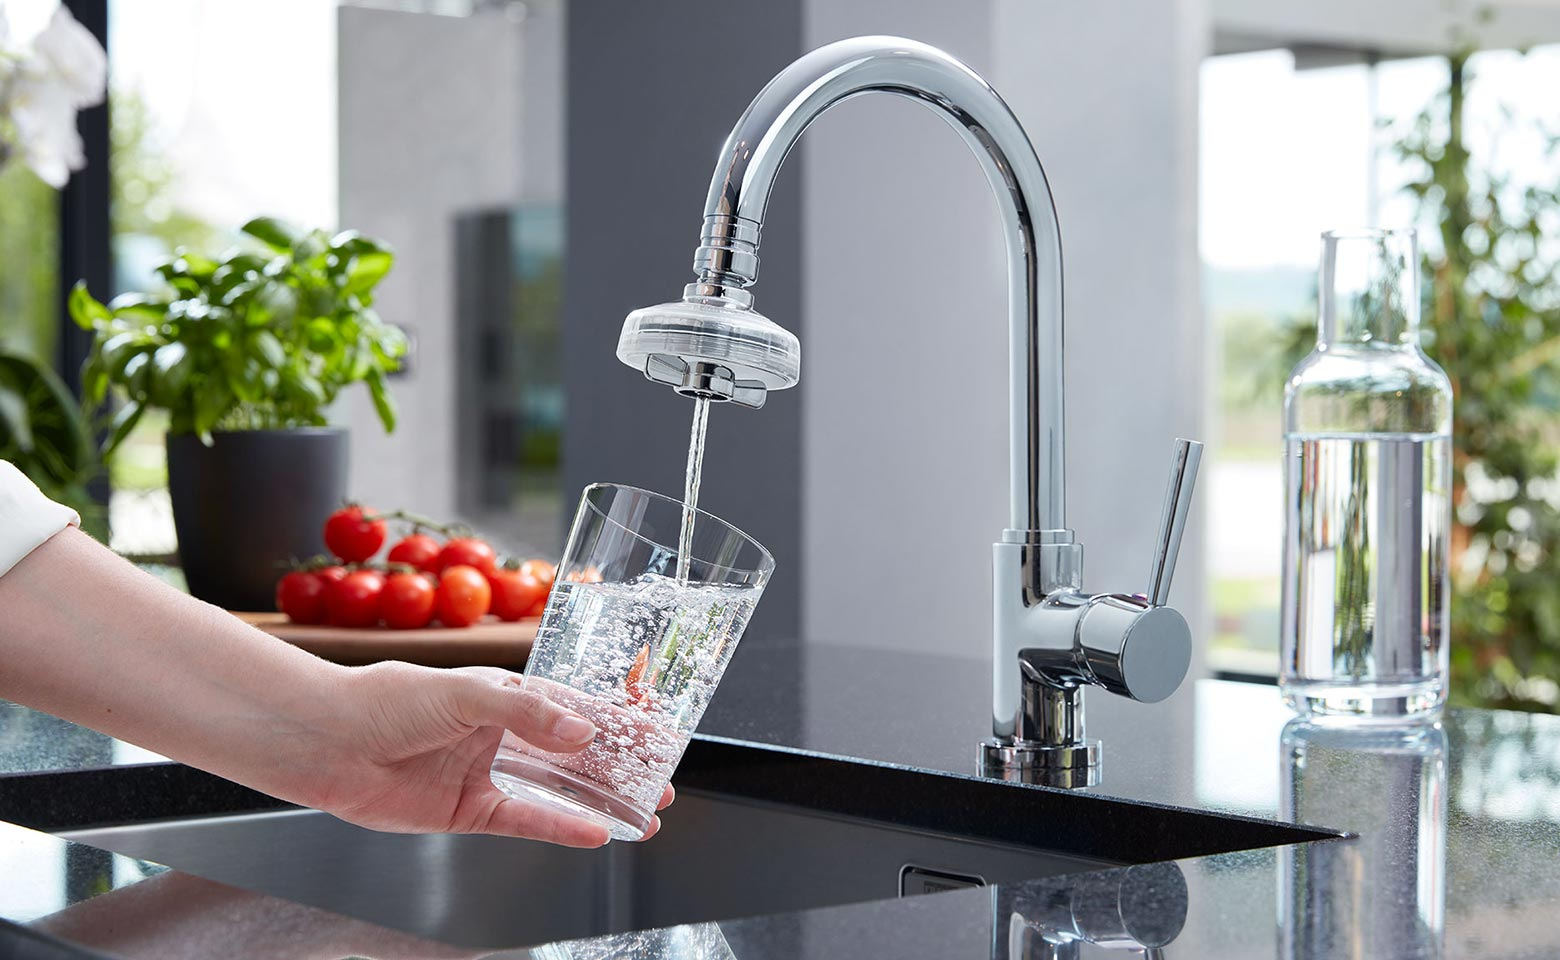 Preiswerter Wasserfilter